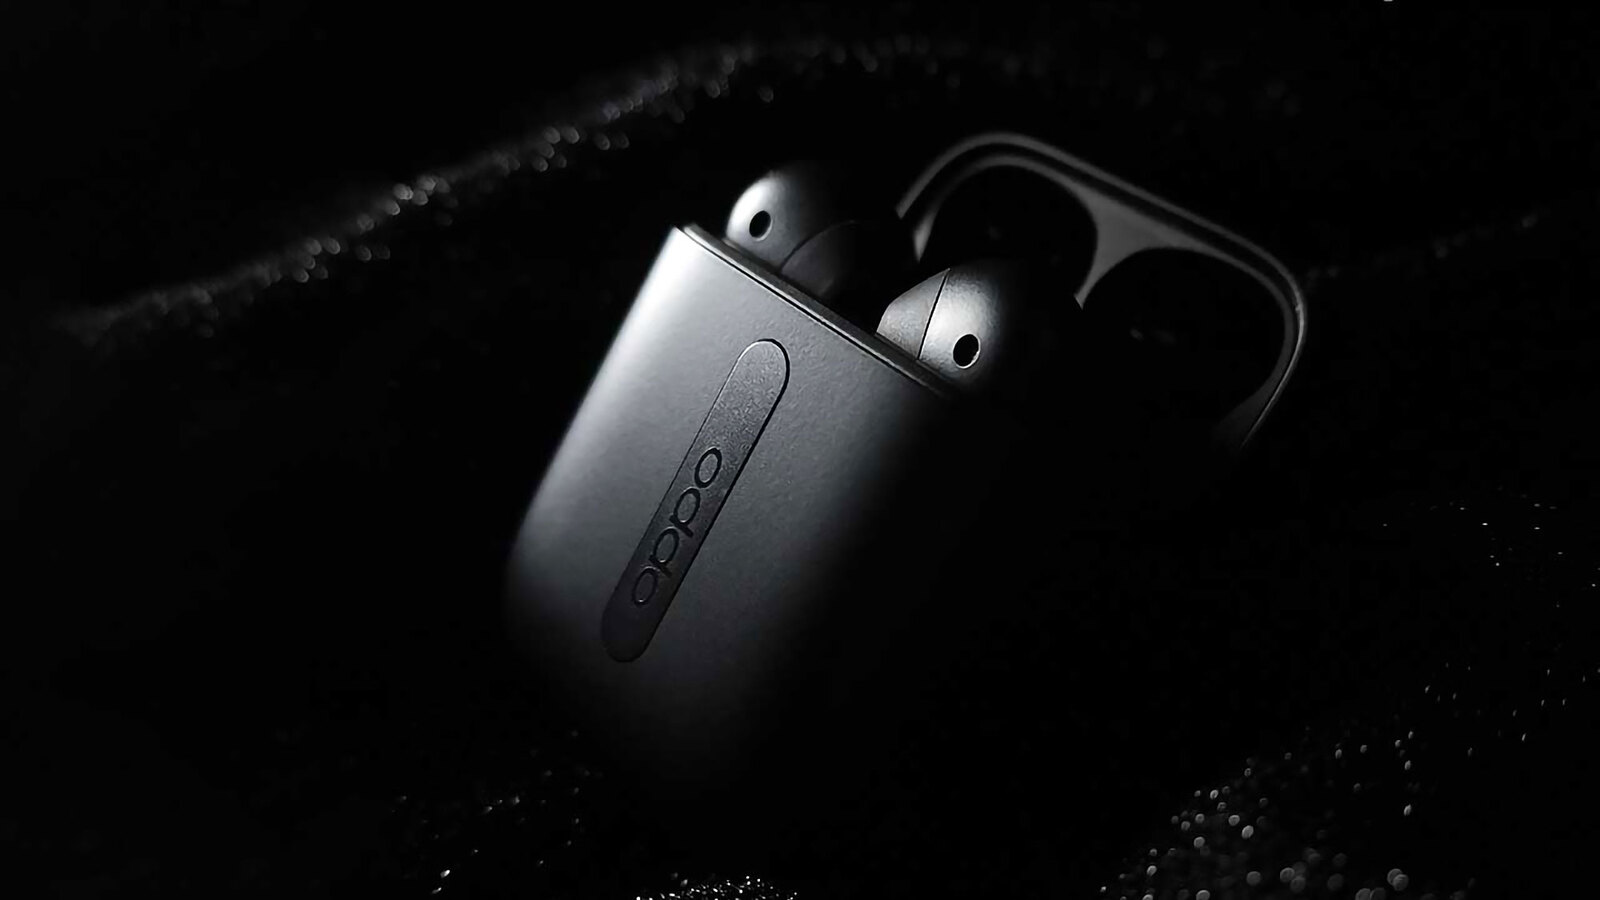 Обзор OPPO Enco Free: новые спортивные беспроводные наушники - ТОП наушники Enco Free